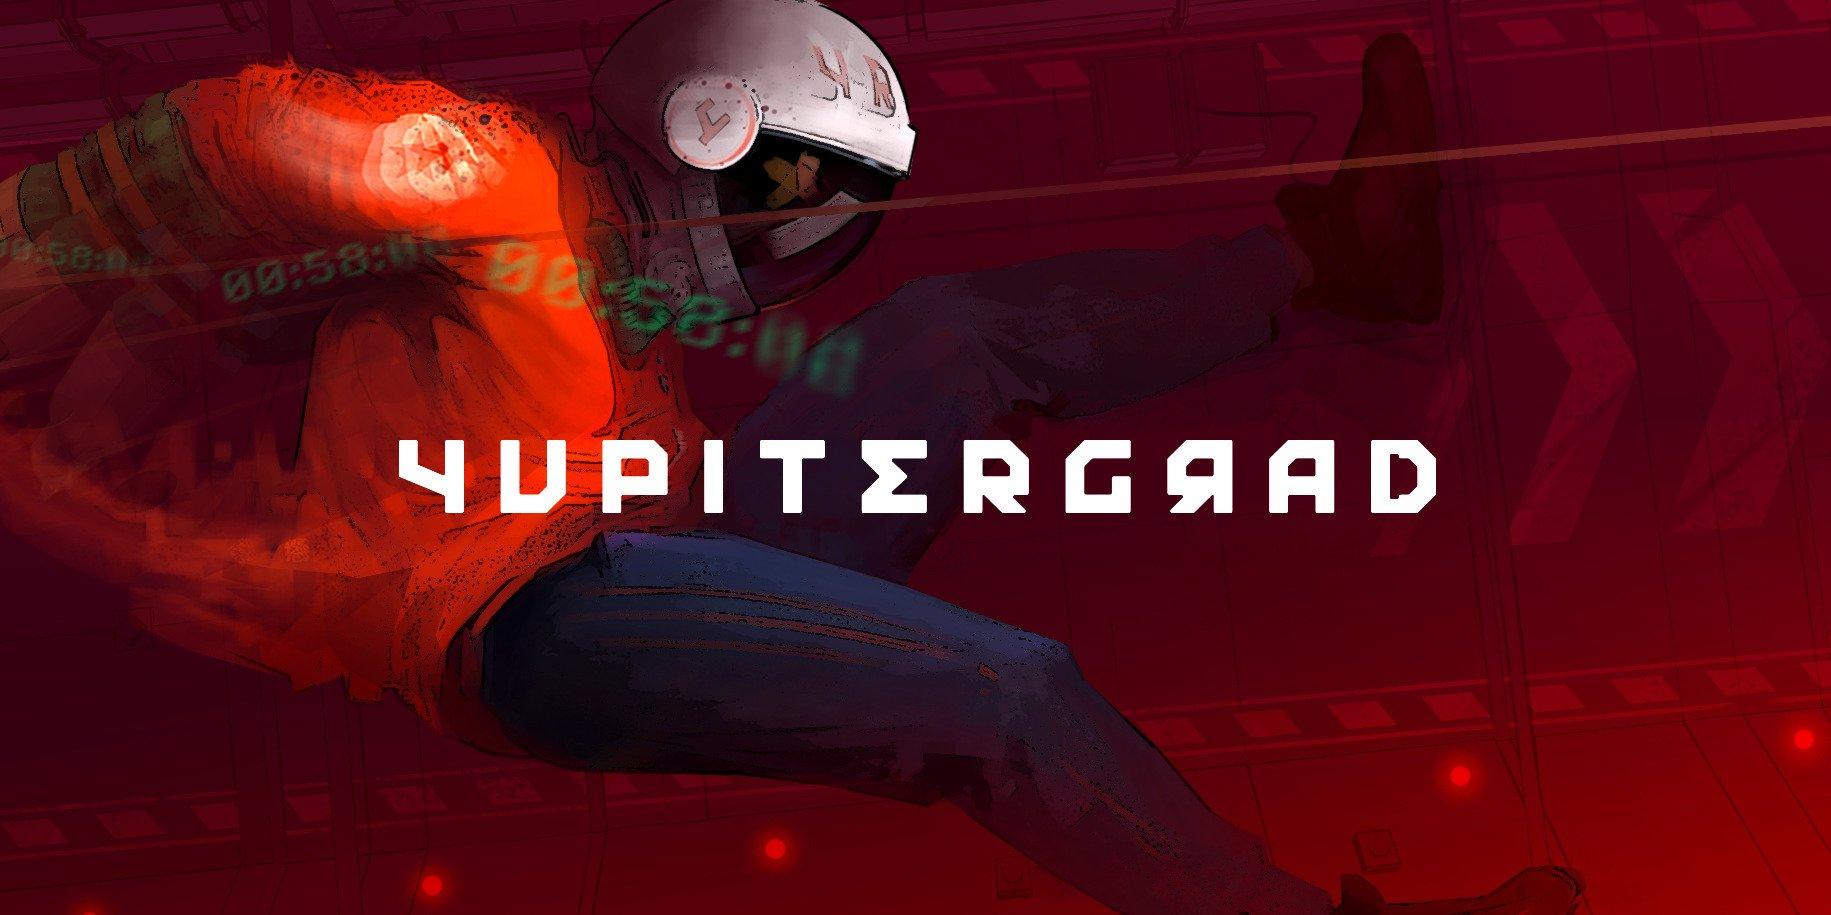 Poliert eure Pümpel, Kameraden! Yupitergrad ist bereit, sich auf die Oculus Quest zu begeben!